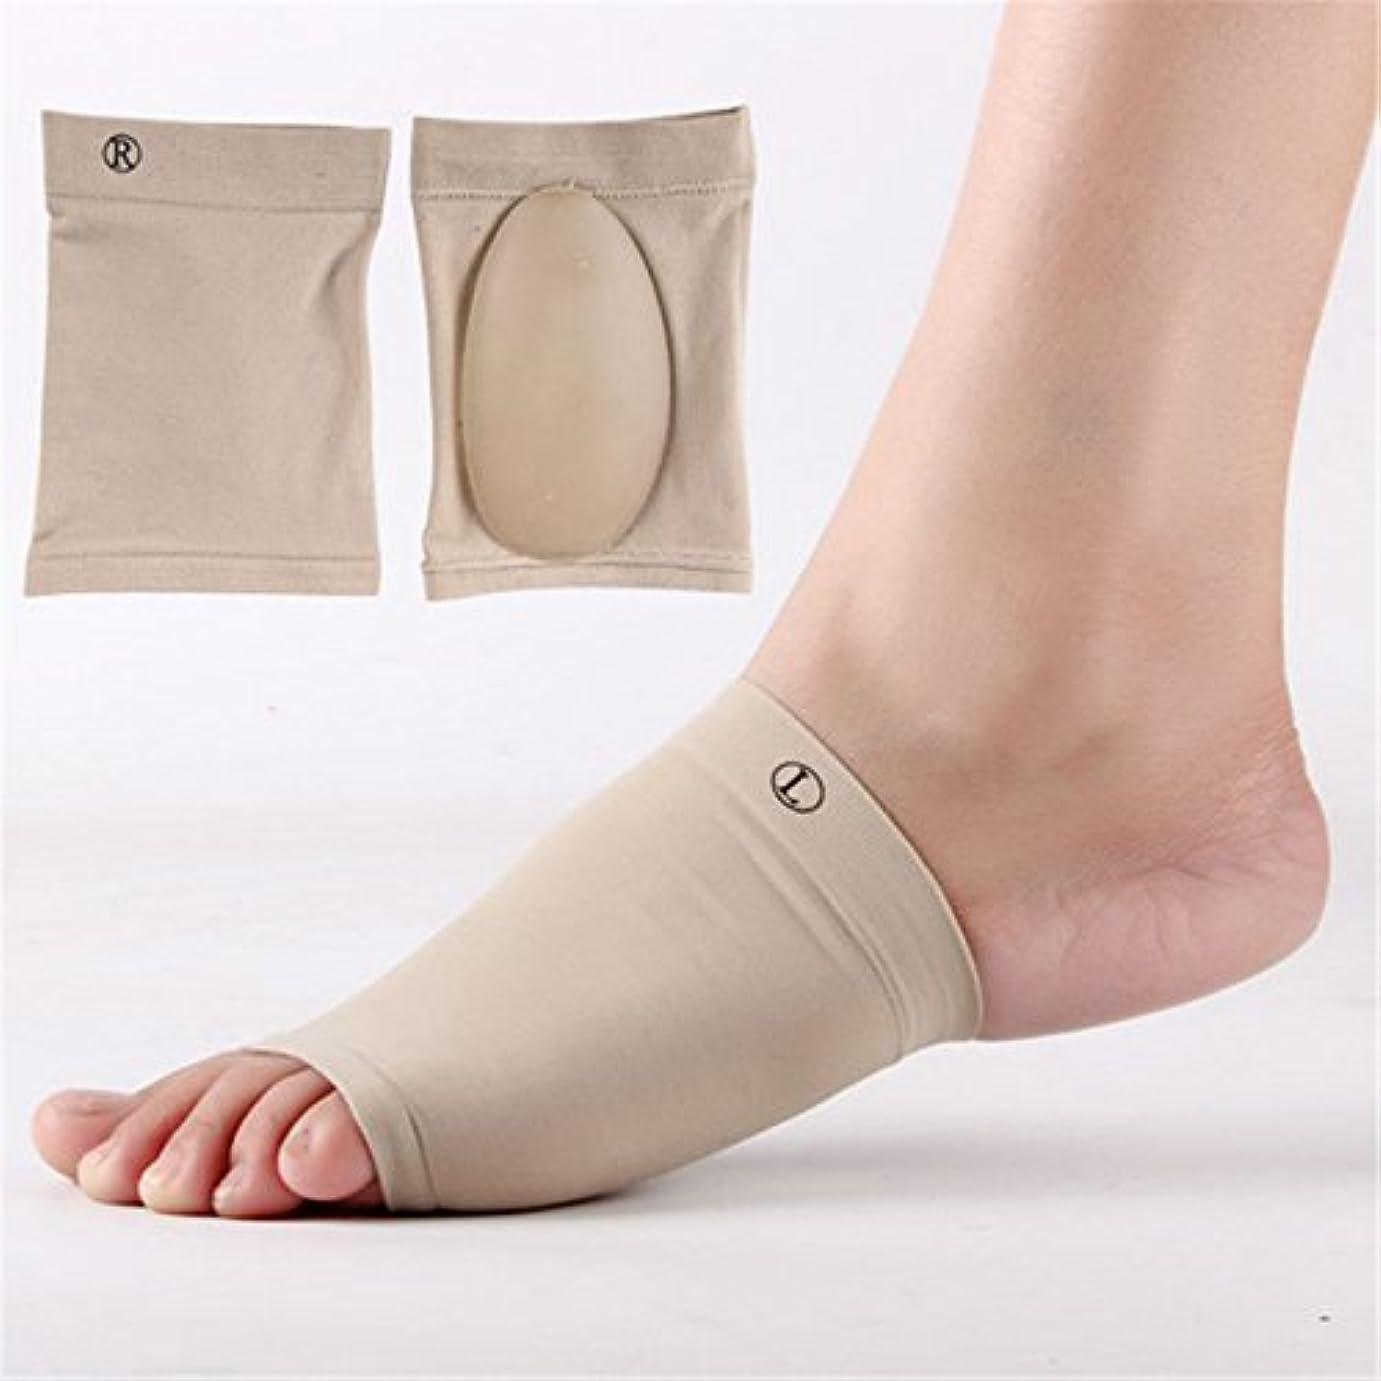 腐敗トランスミッションジャケットLorny(TM)1Pairジェル足底筋膜炎アーチサポートスリーブアーチソックスかかとクッションフラット足の整形外科靴パッドフットケア [並行輸入品]